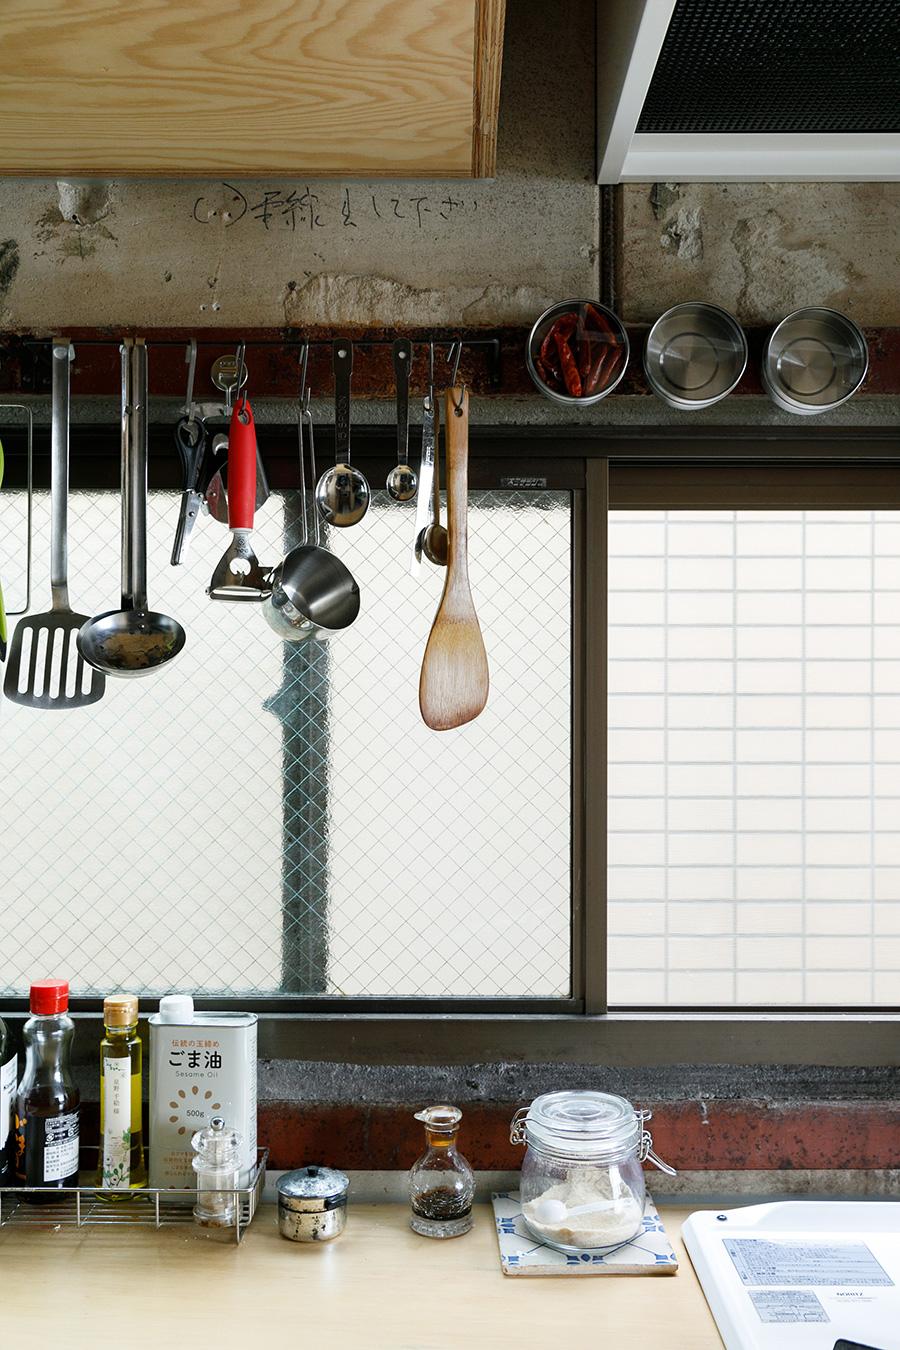 窓の周りの鉄骨部分は磁石がくっつくので、便利に活用している。